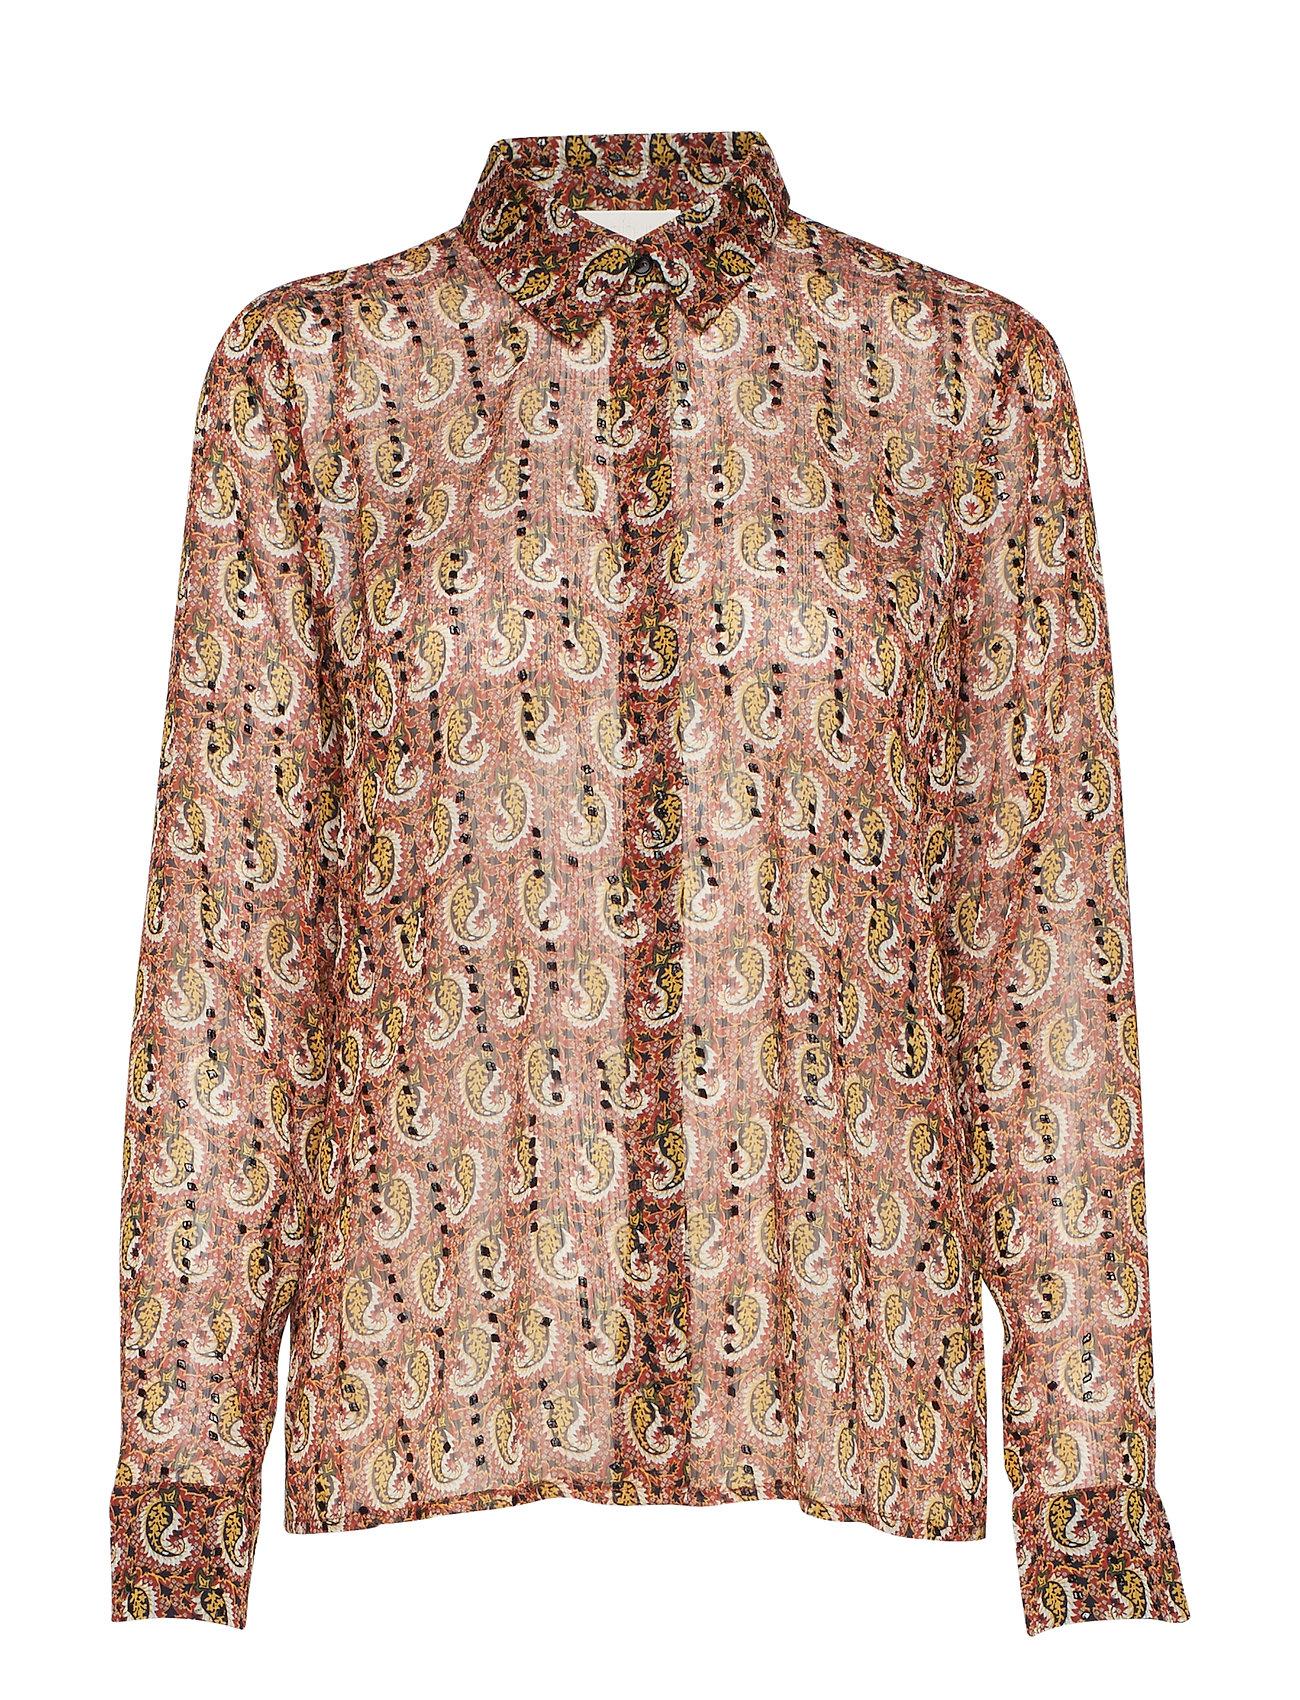 Minus Elka shirt - RIO PAISLEY PRINT